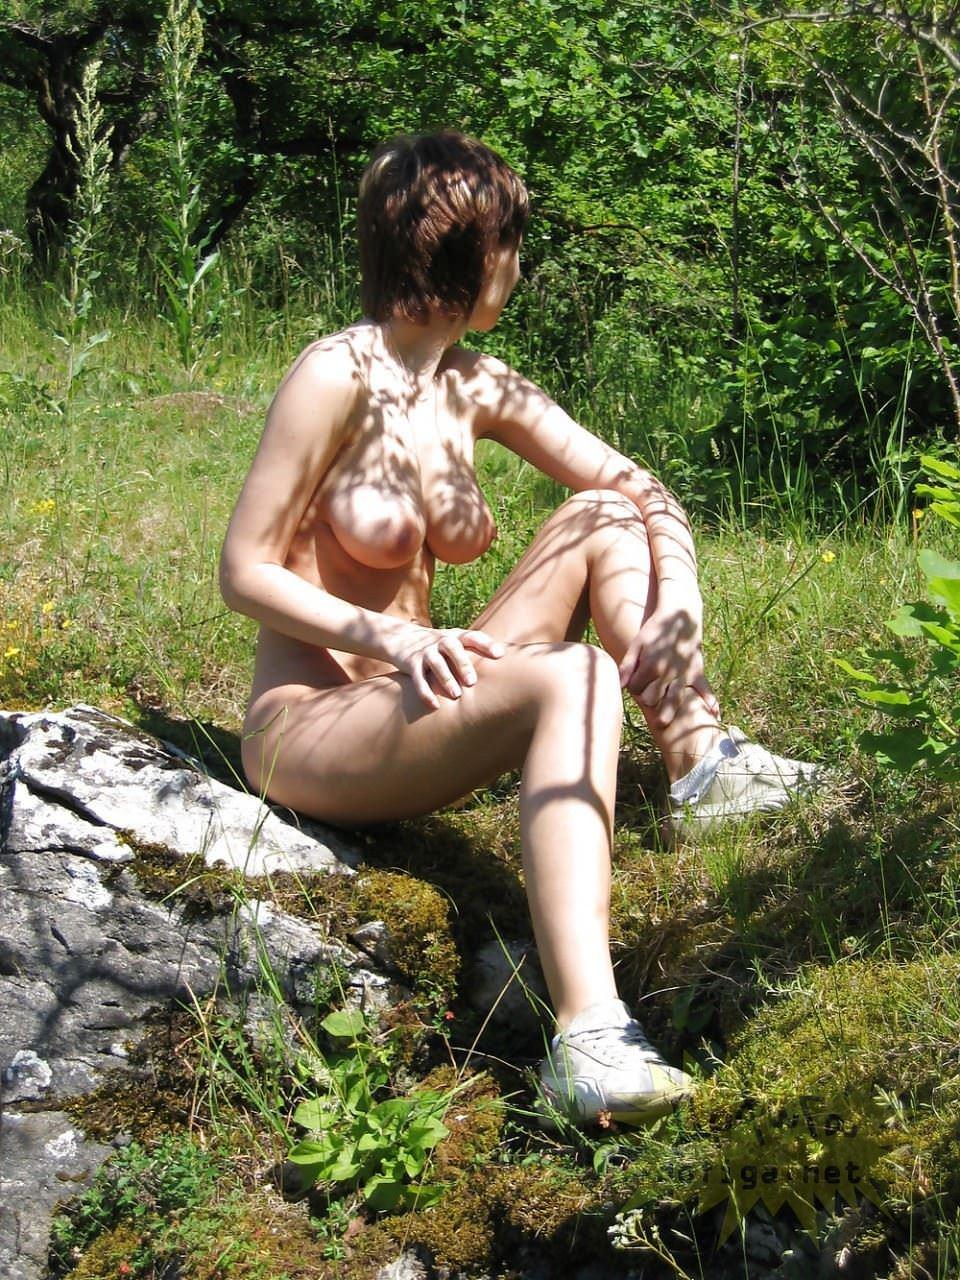 【外人】素人の白人巨乳娘がおっぱい記念撮影しまくってるポルノ画像 2366